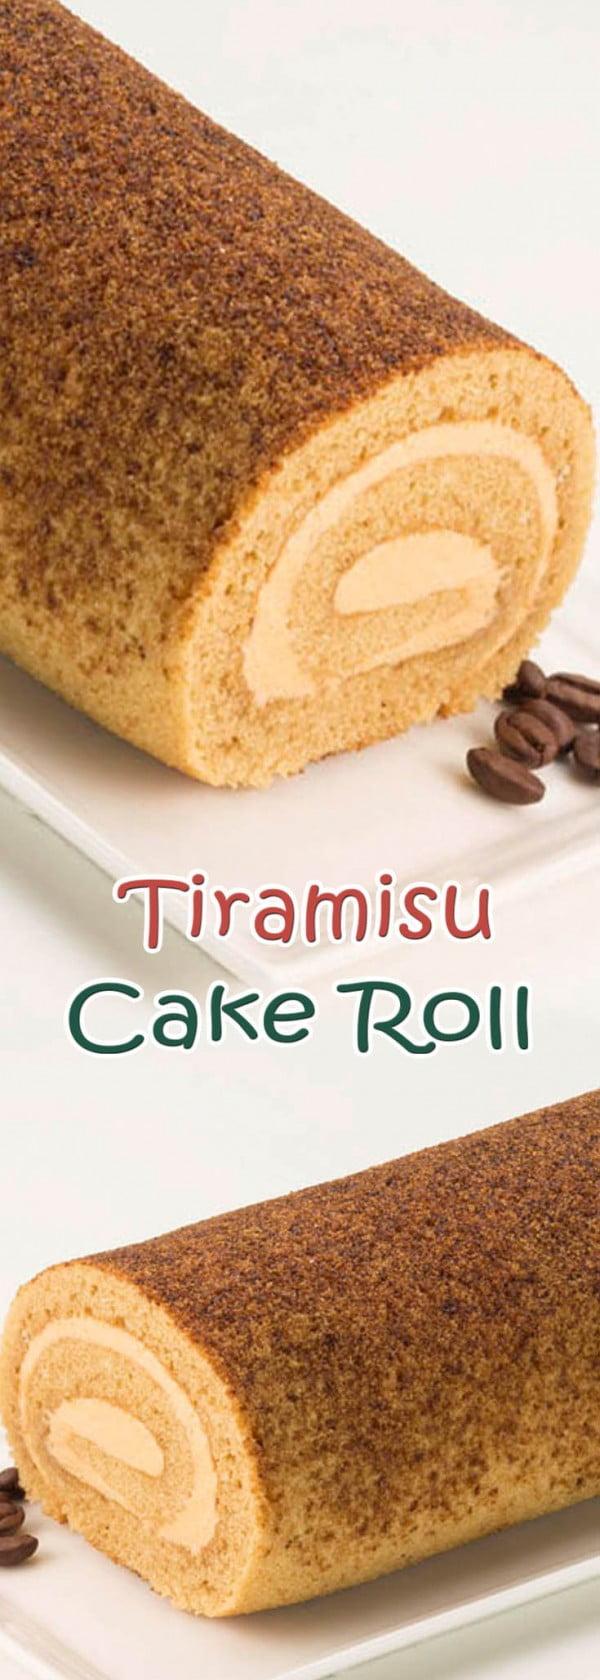 Tiramisu Cake Roll #tiramisu #recipe #dessert